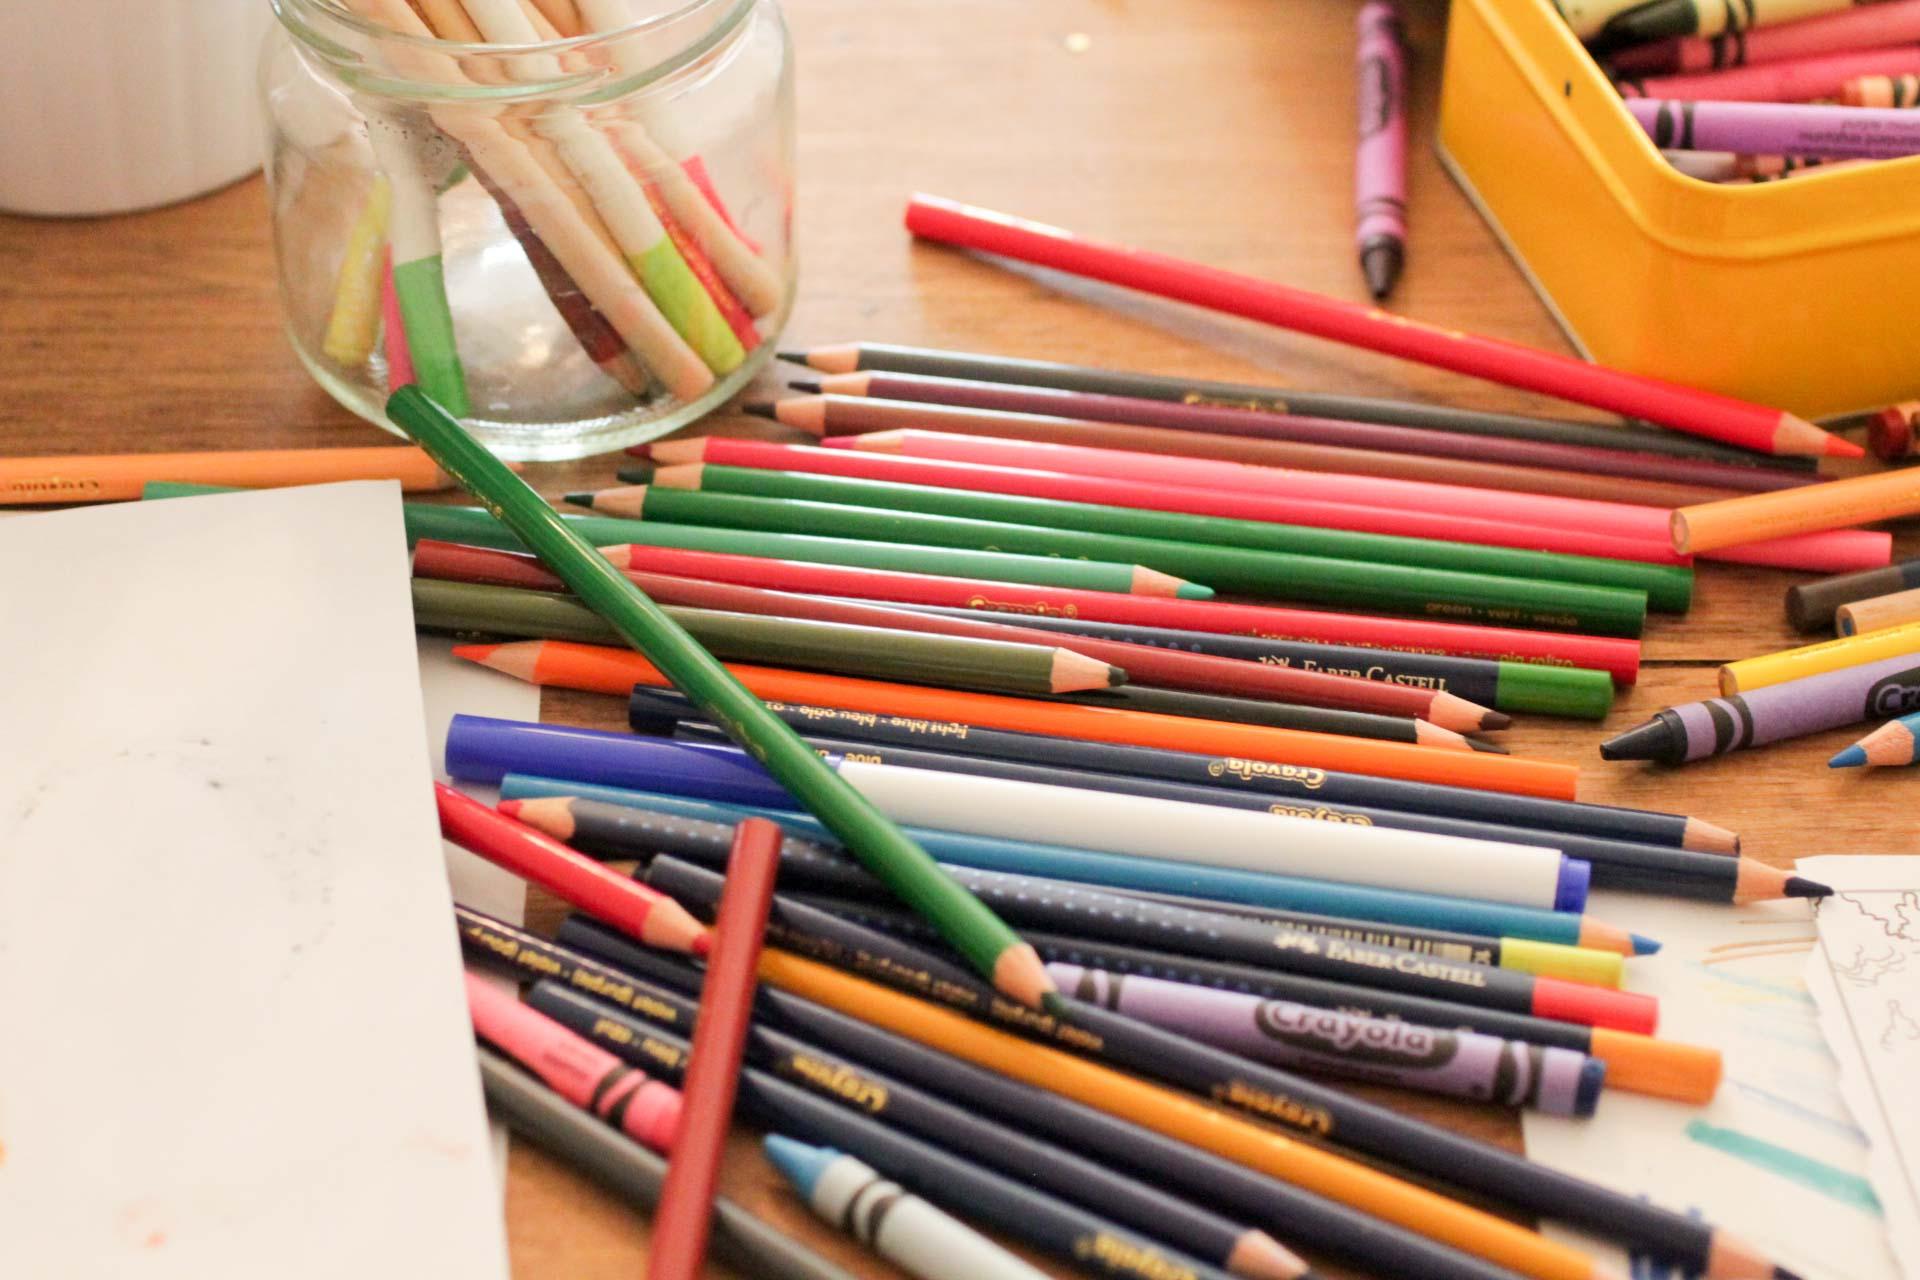 cocktailsandcraft-coloring-dc-workshop (13 of 17).jpg